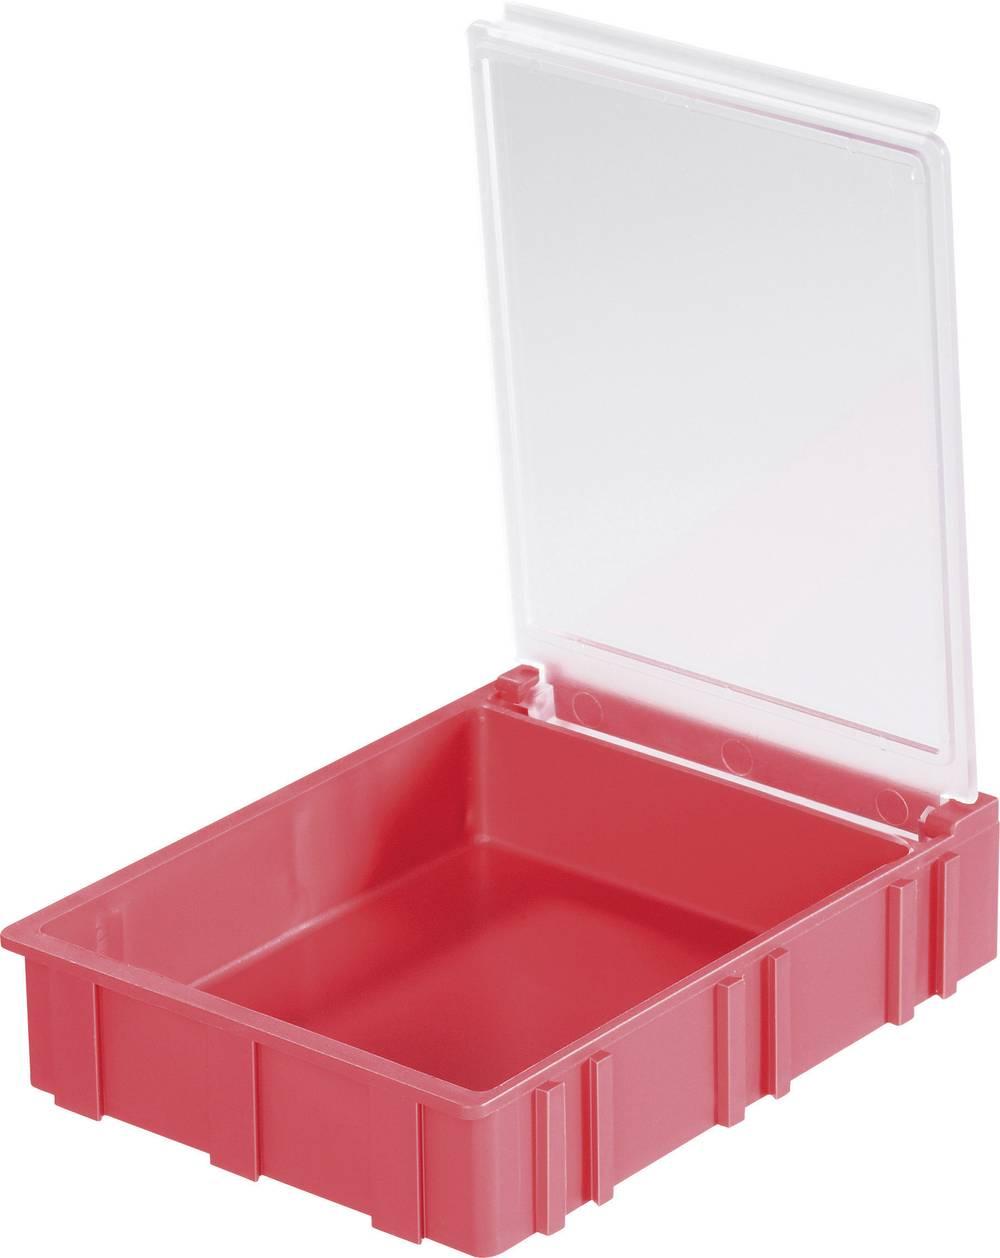 SMD škatla, rdeča, barva pokrova: prozorna 1 kos (D x Š x V) 68 x 57 x 15 mm Licefa N42361